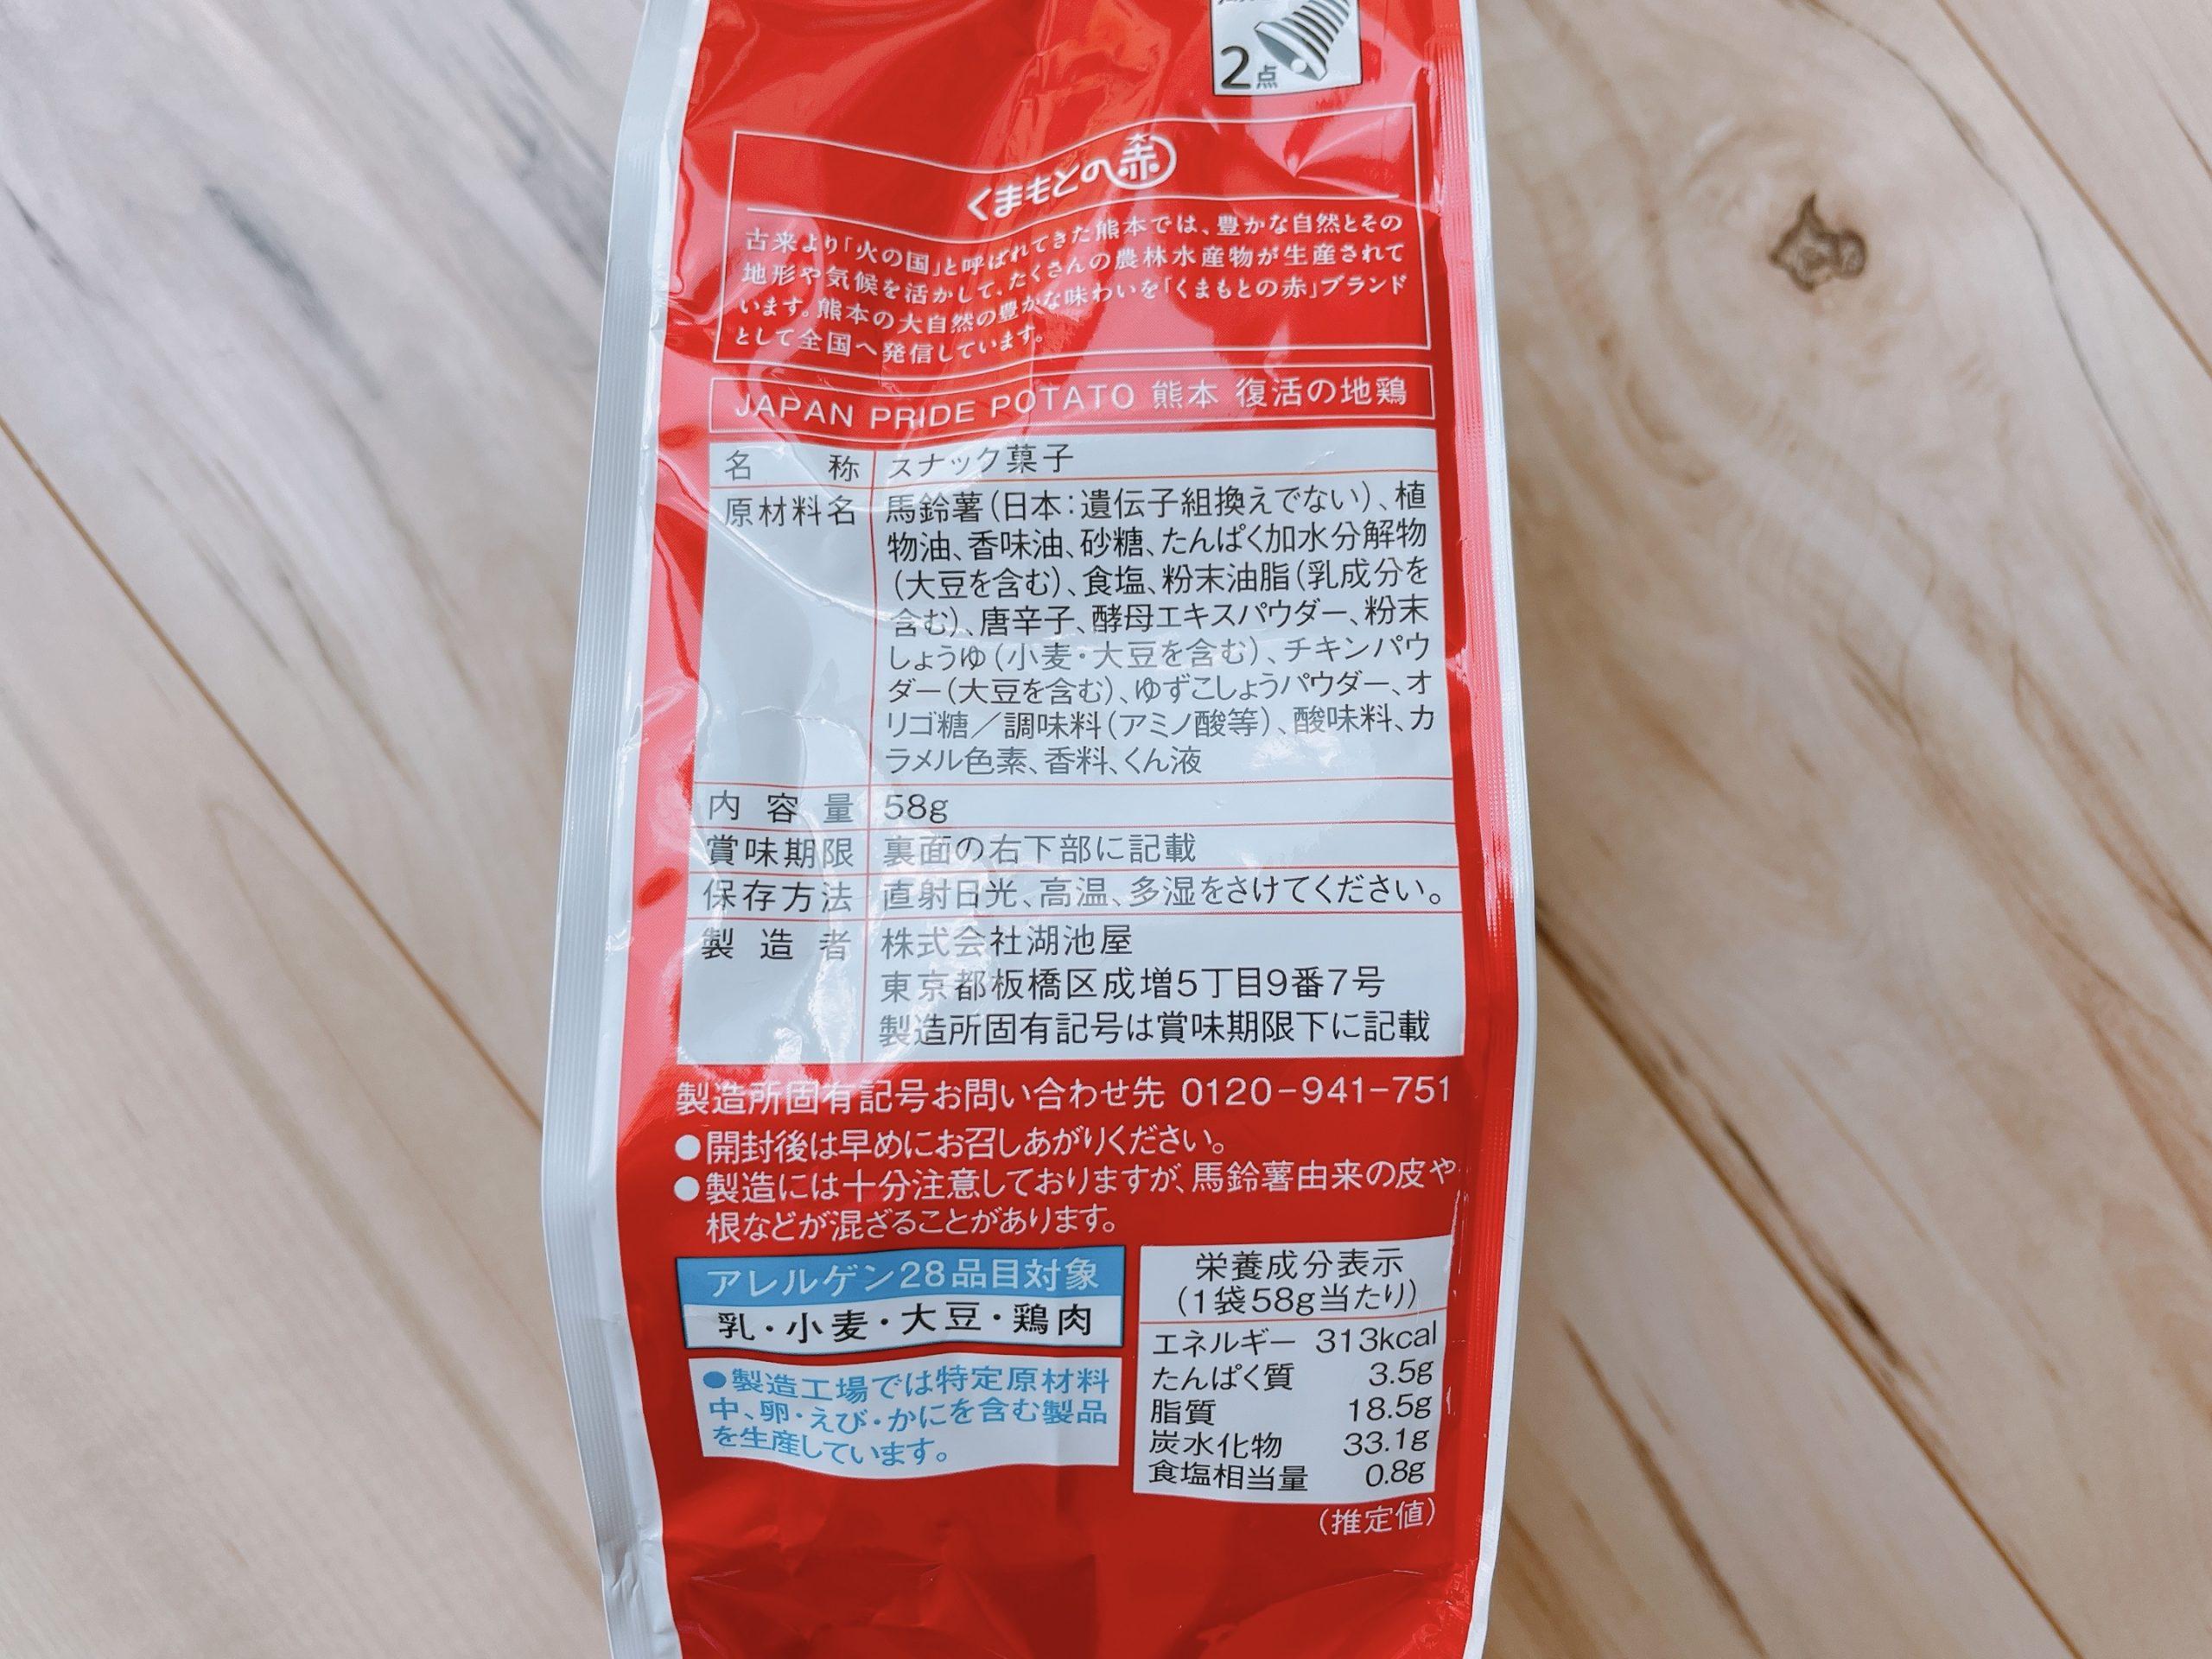 プライドポテト<熊本 復活の地鶏>原材料やカロリーなど